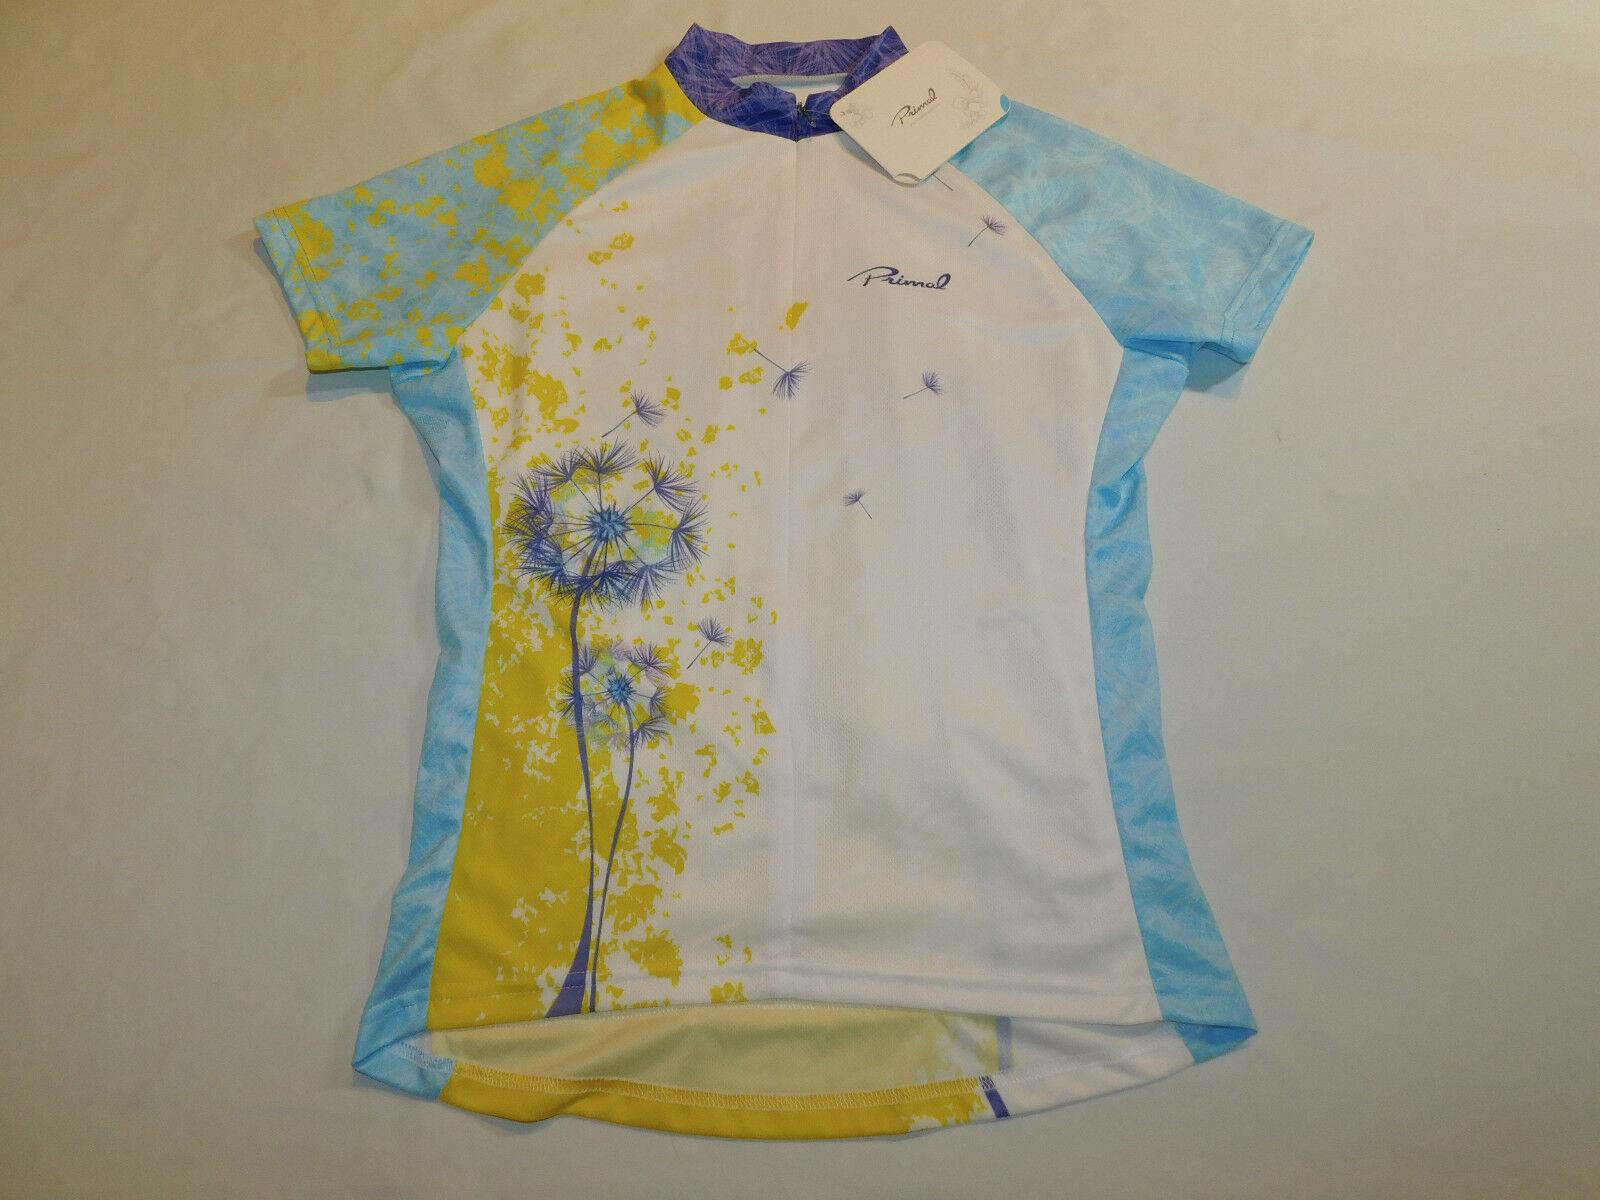 NEW PRIMALWEAR PRIMAL WEAR JERSEY BIKE CYCLE PAARDEBLOEM SPORT CUT donna L  70